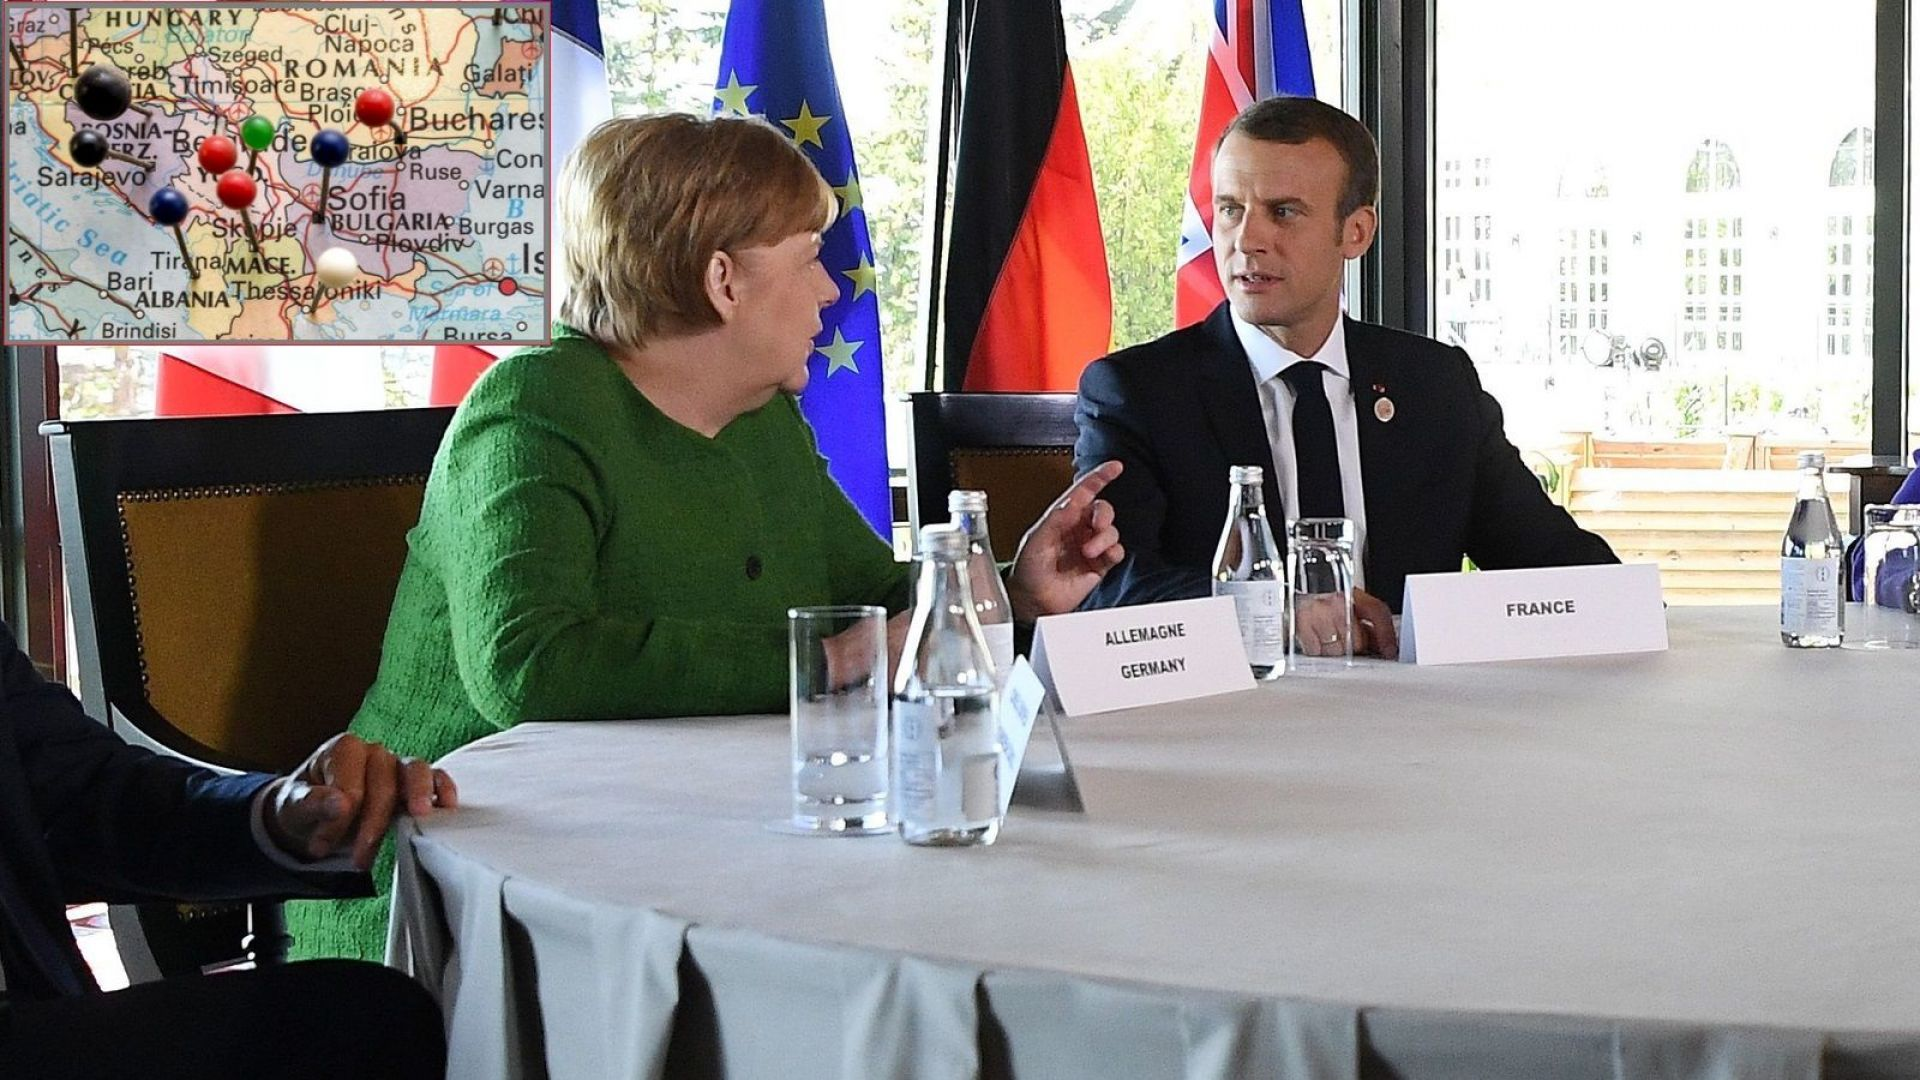 Европейските лидери се обръщат към балканските страни извън ЕС за възпиране на Русия и Китай